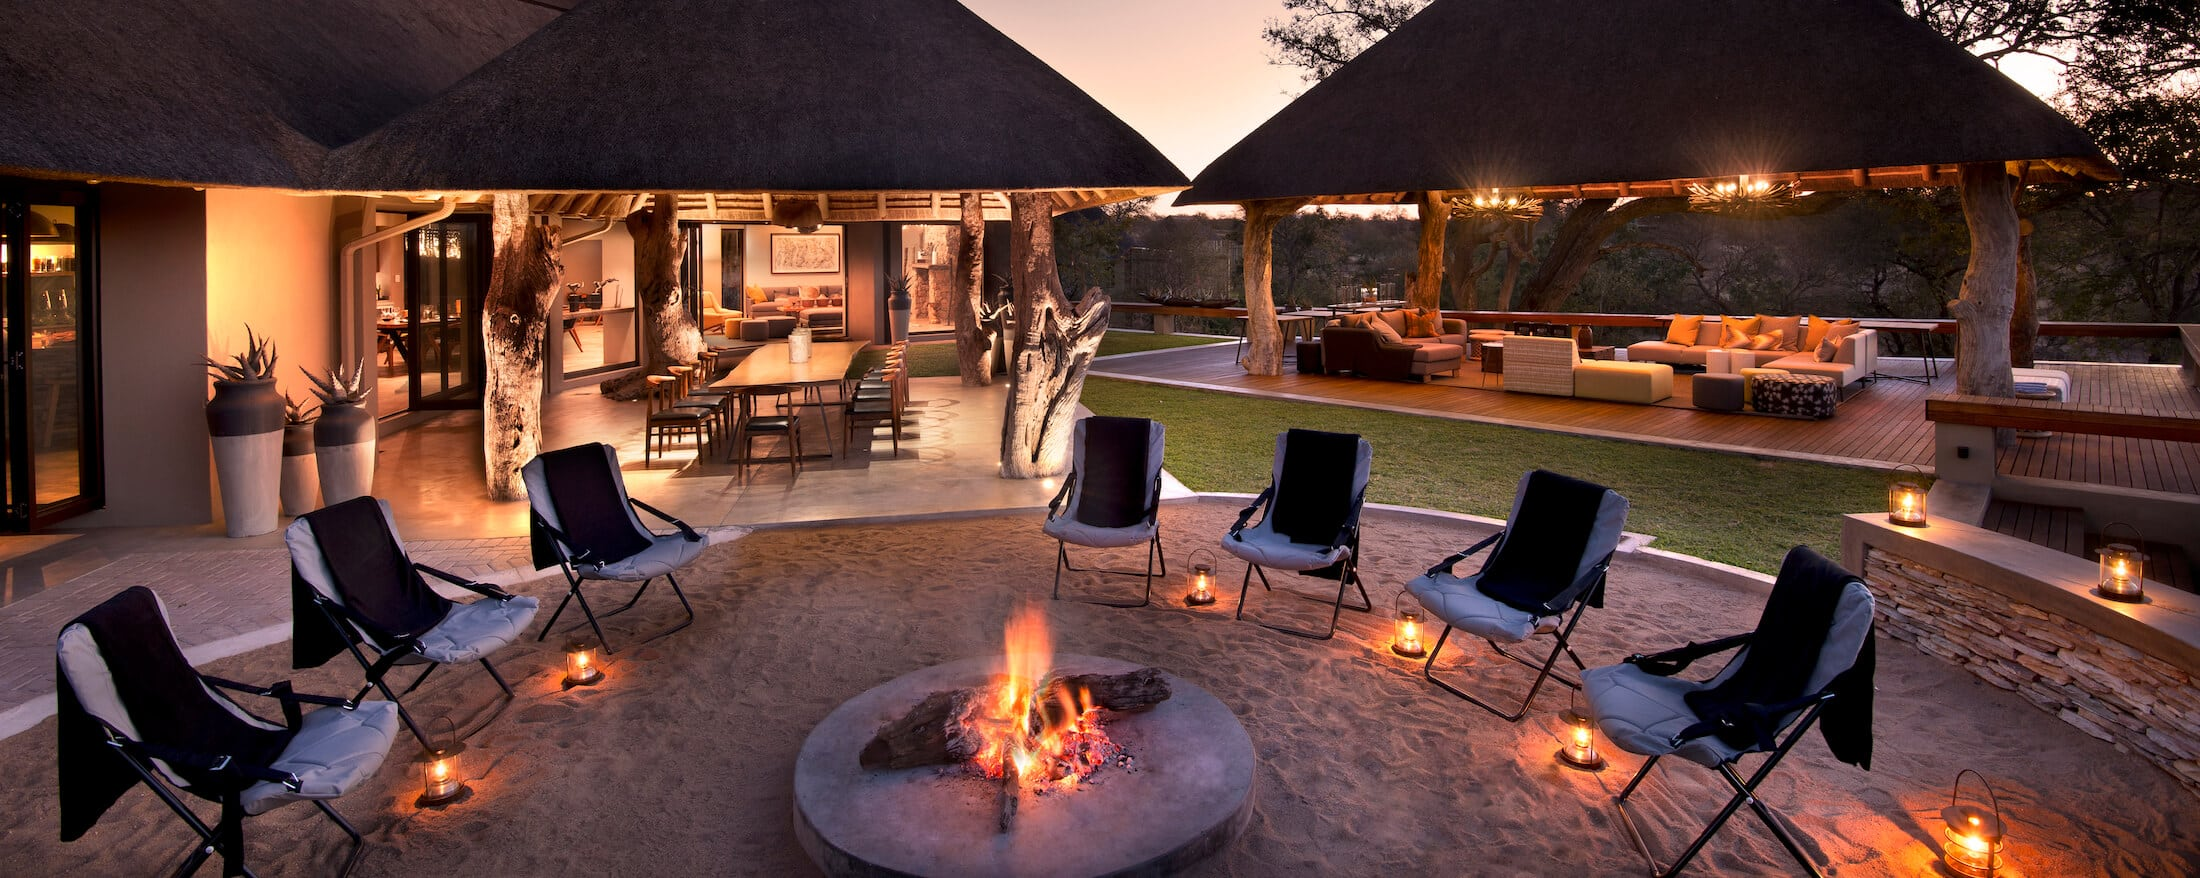 The Stunning Rockfig Safari Lodge